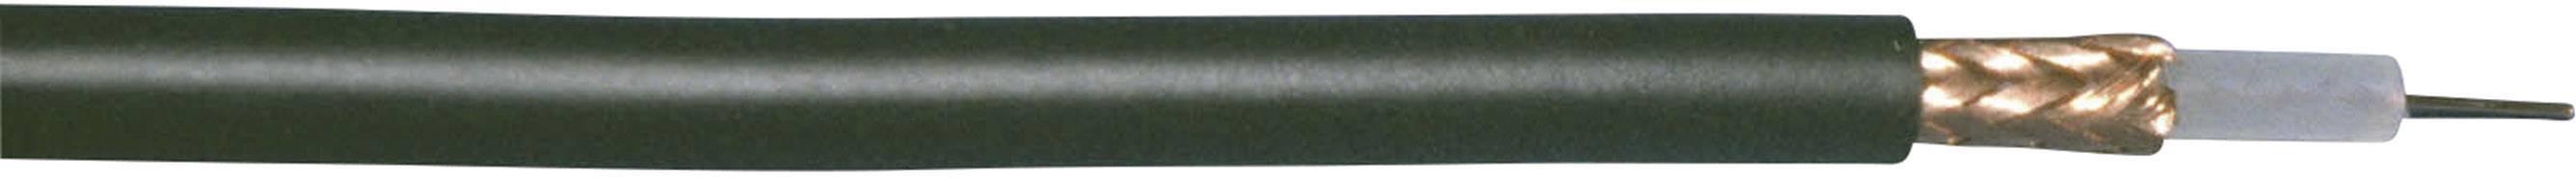 Koaxiální kabel Bedea RG59, 10850911 75 Ohm, černá, metrové zboží